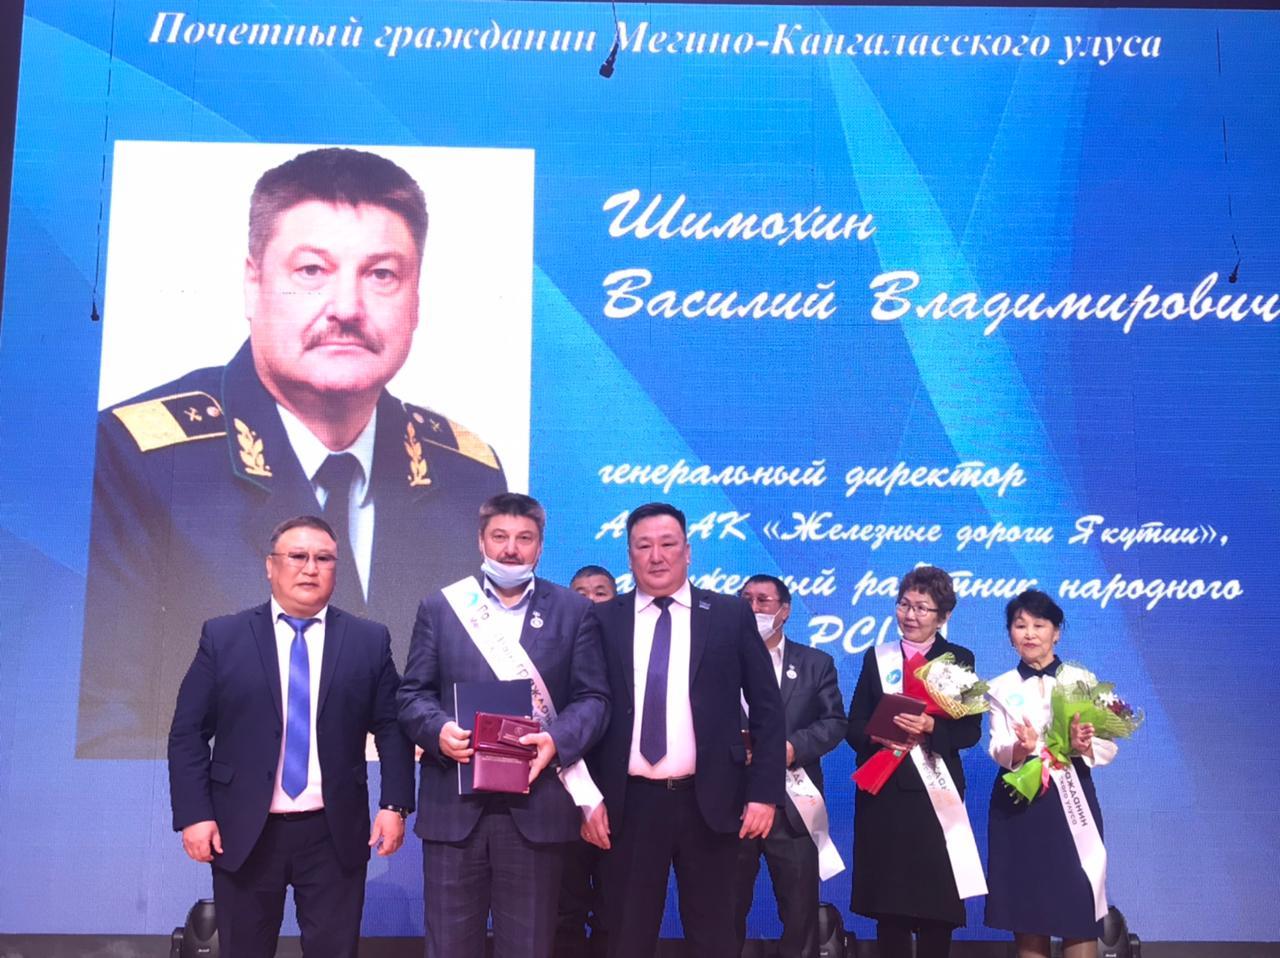 Генеральный директор Акционерной компании «Железные дороги Якутии» стал Почетным гражданином Мегино-Кангаласского улуса.